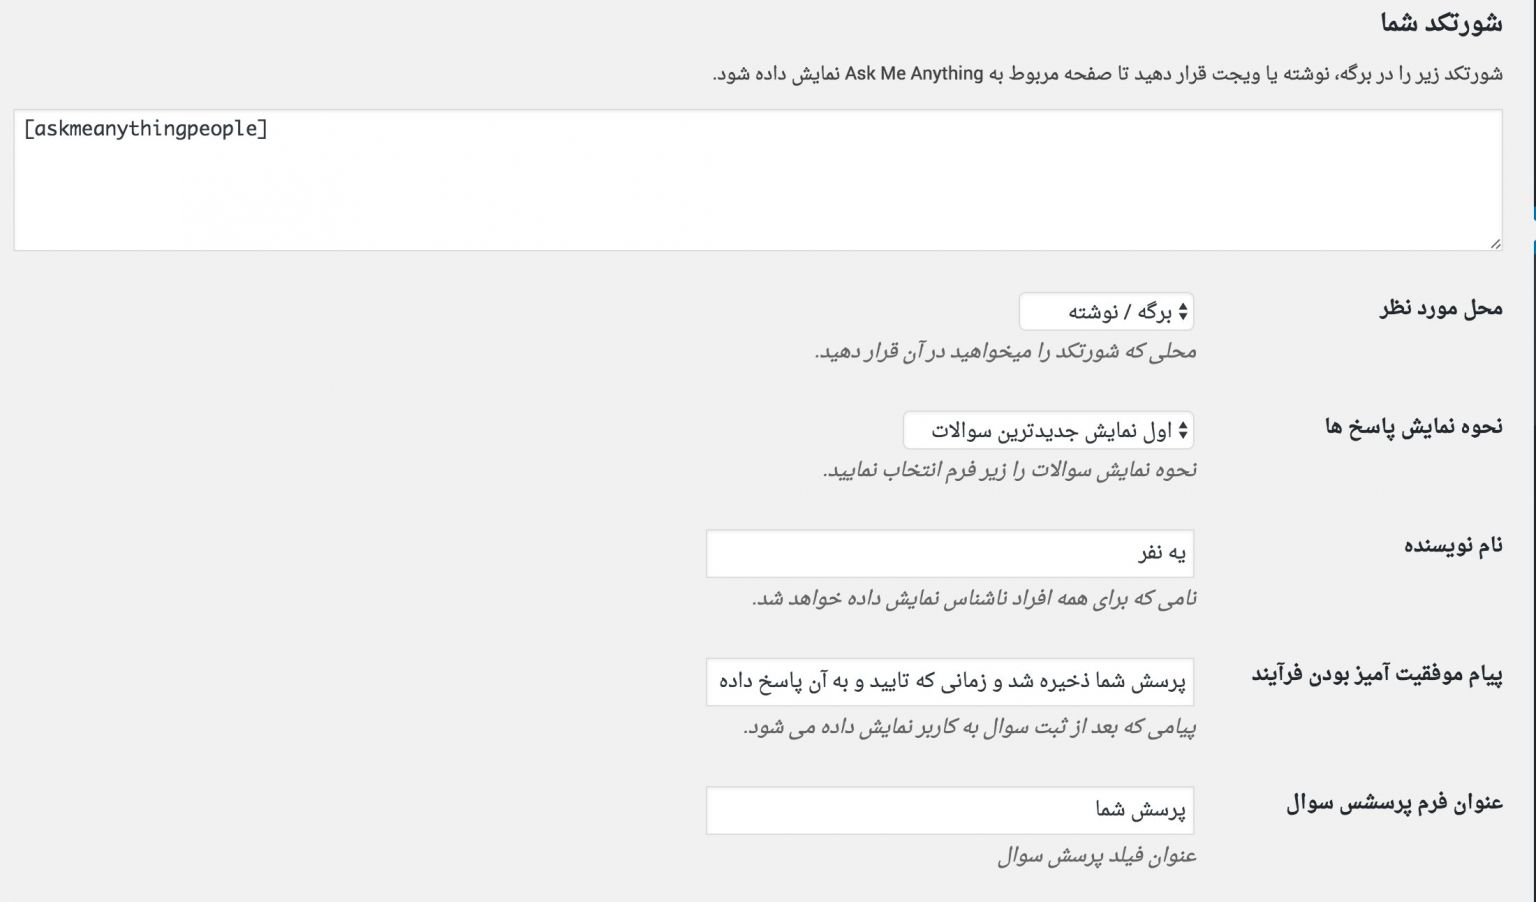 ارسال پرسش توسط کاربران به صورت ناشناس برای وردپرس